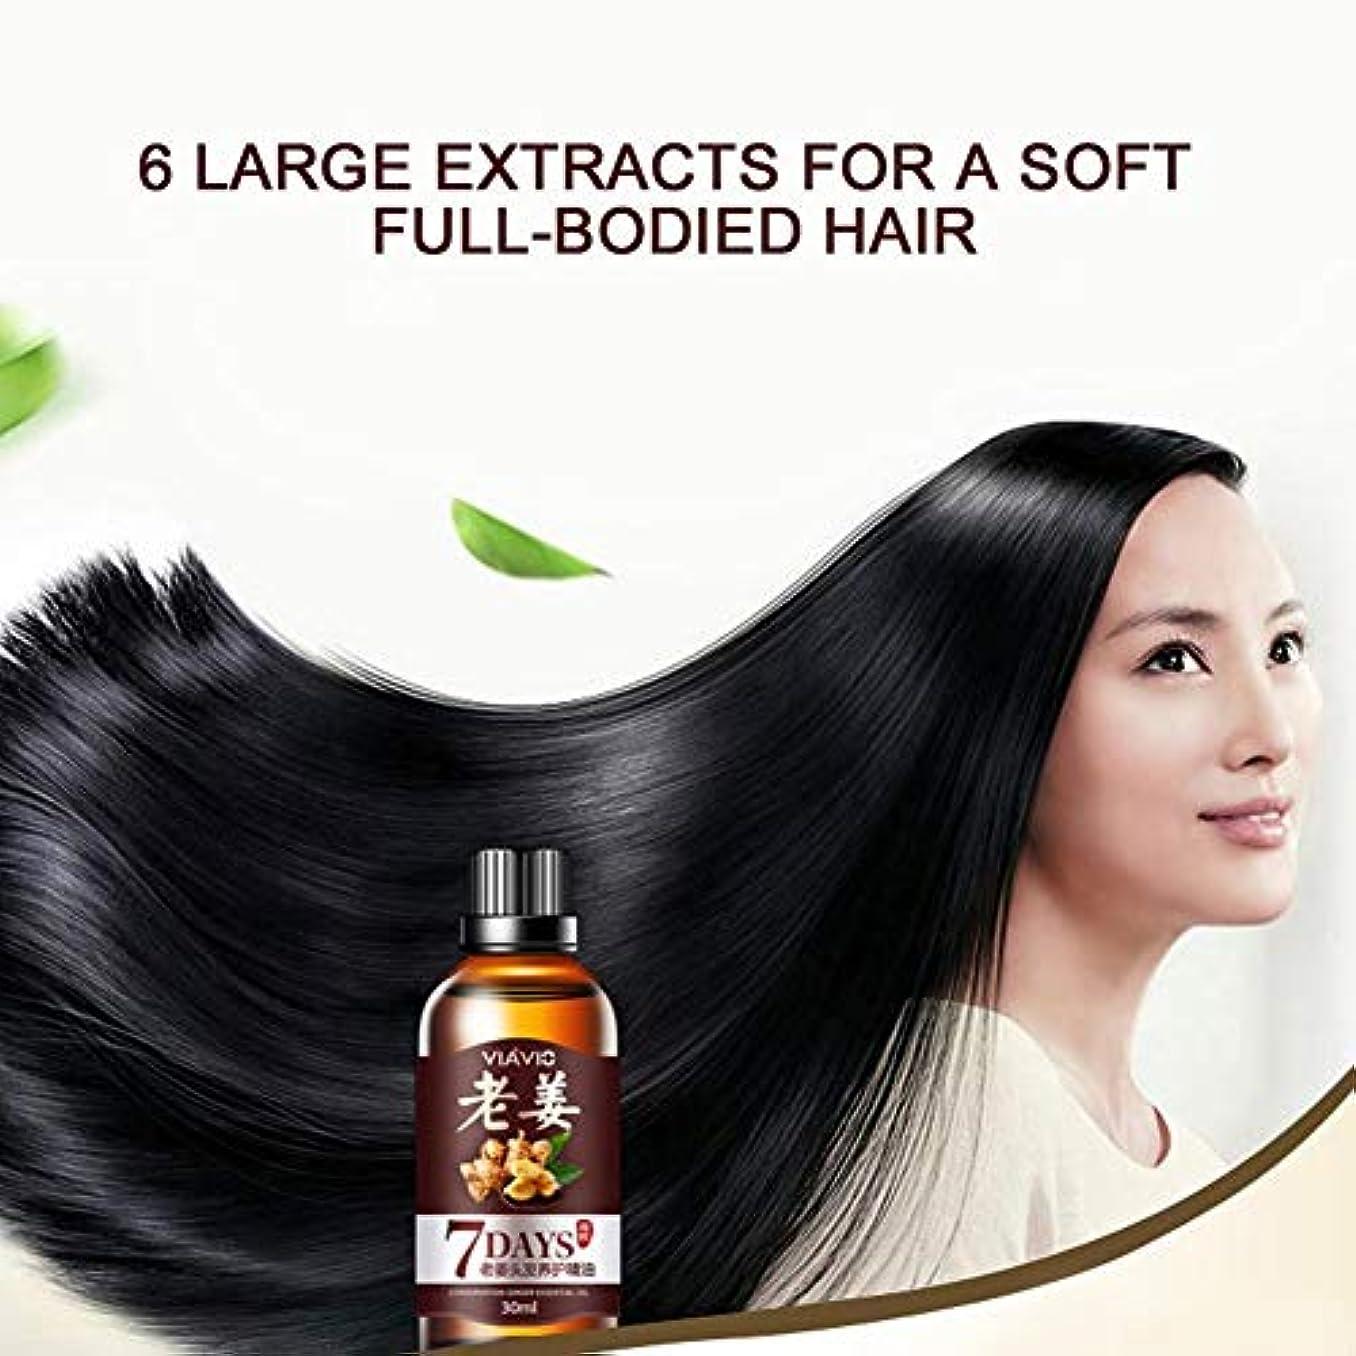 歪める限定シャンパンBETTER YOU (ベター ュー) 育毛剤 抜け毛防止する 髪の量と密度を増やす